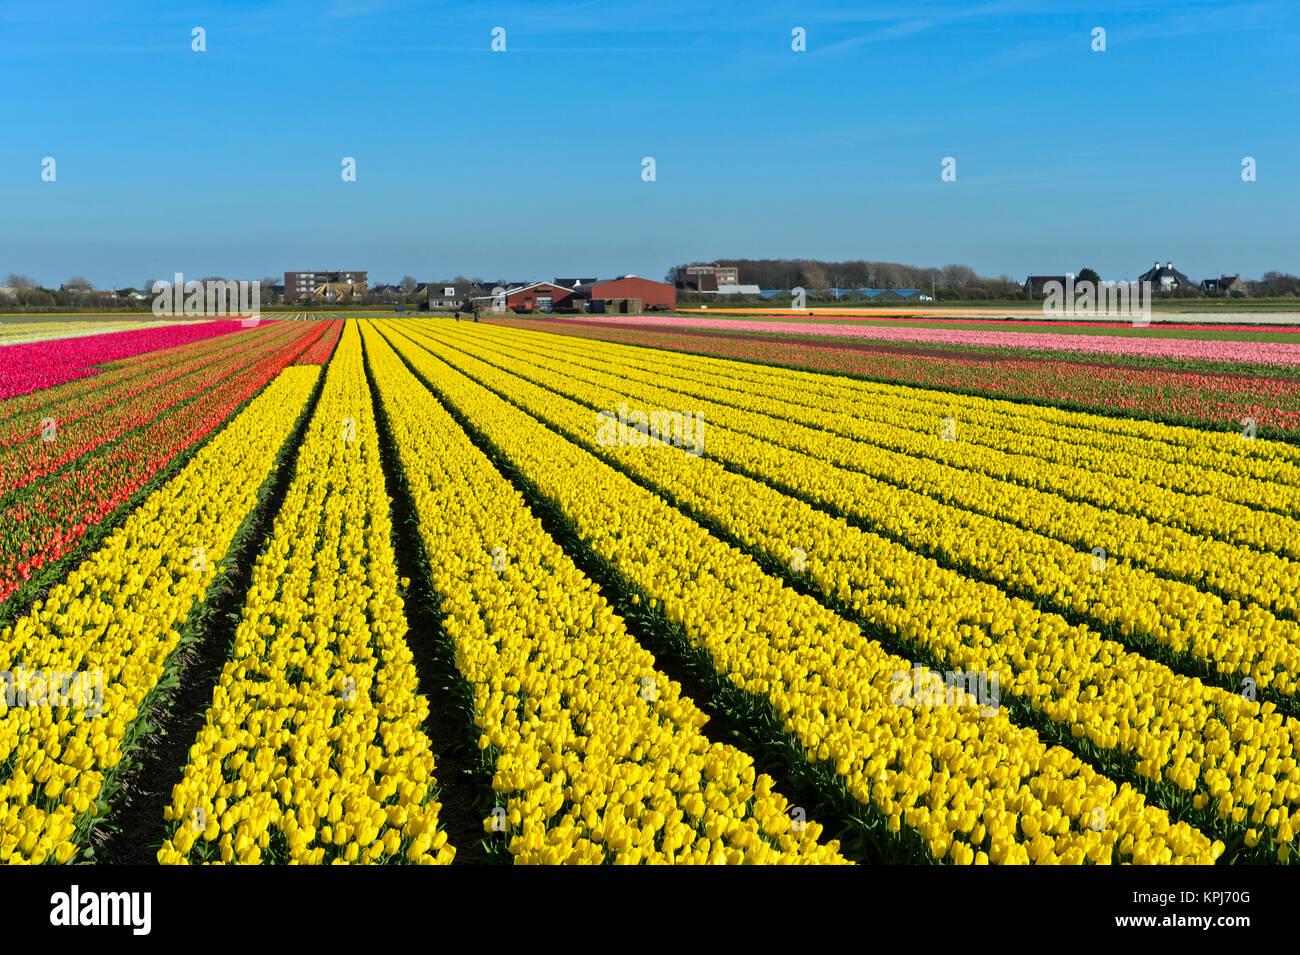 Campo di tulipani gialli, giallo Purissima varietà, produzione di bulbi di fiori, bulbi di fiori Bollenstreek Immagini Stock